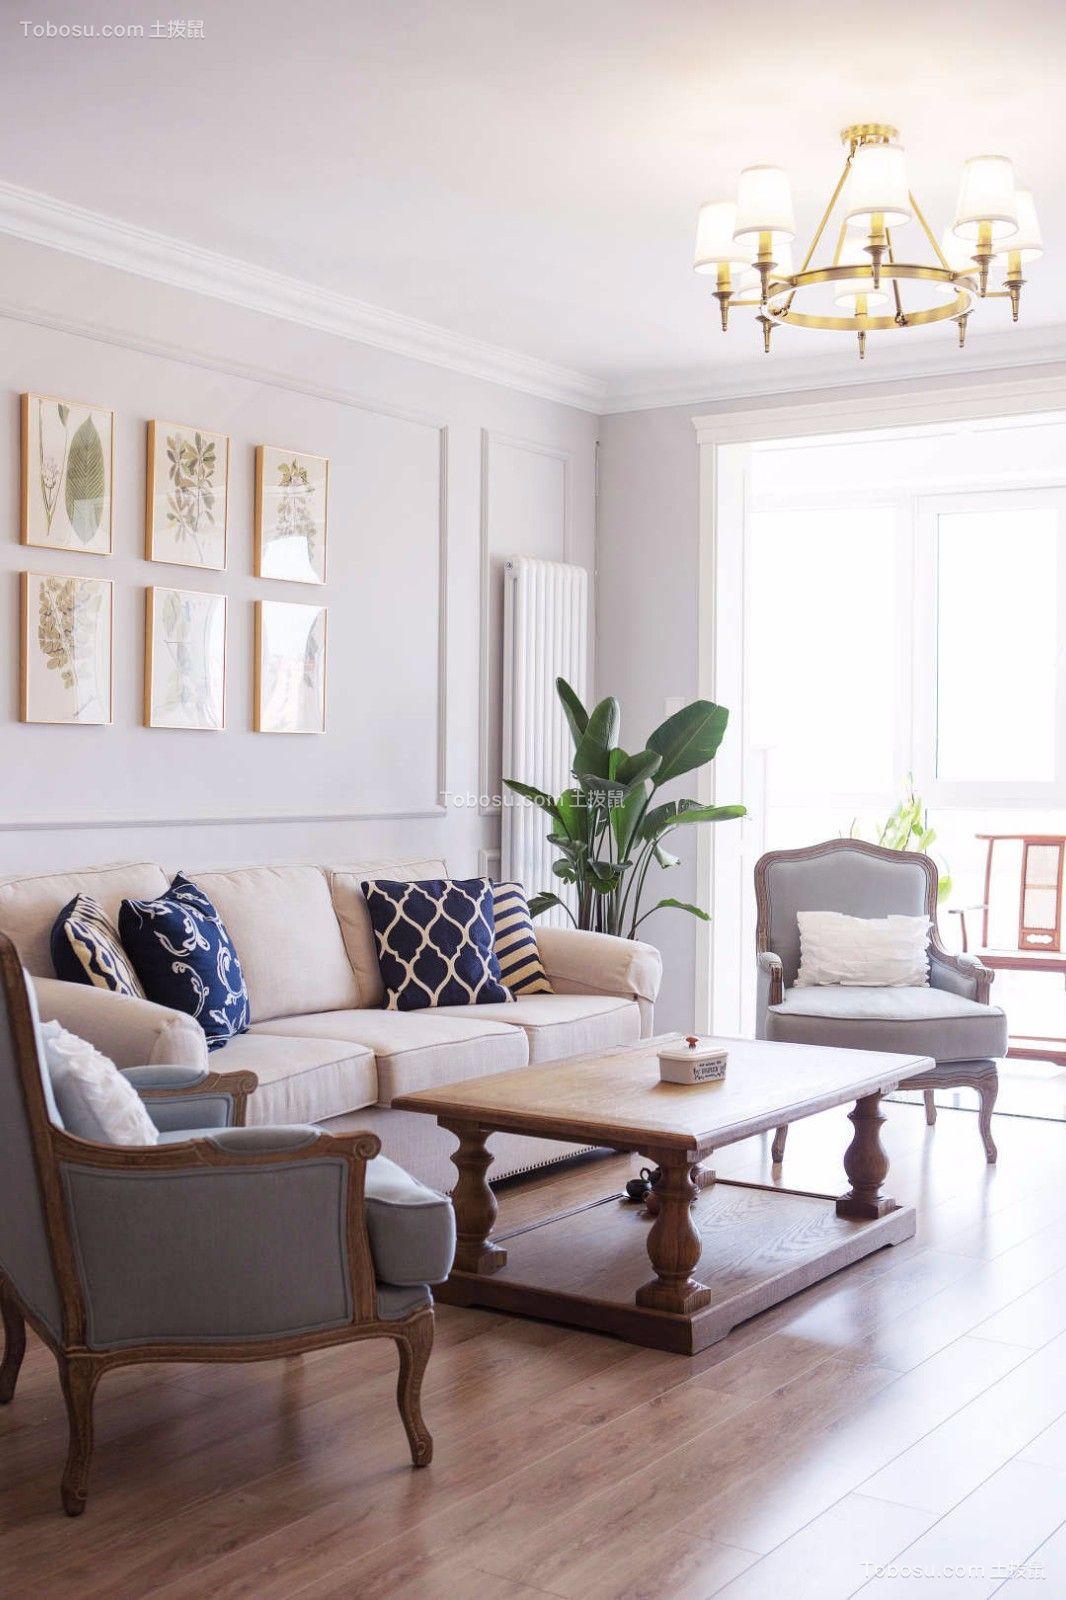 2019法式客厅装修设计 2019法式电视背景墙装修设计图片